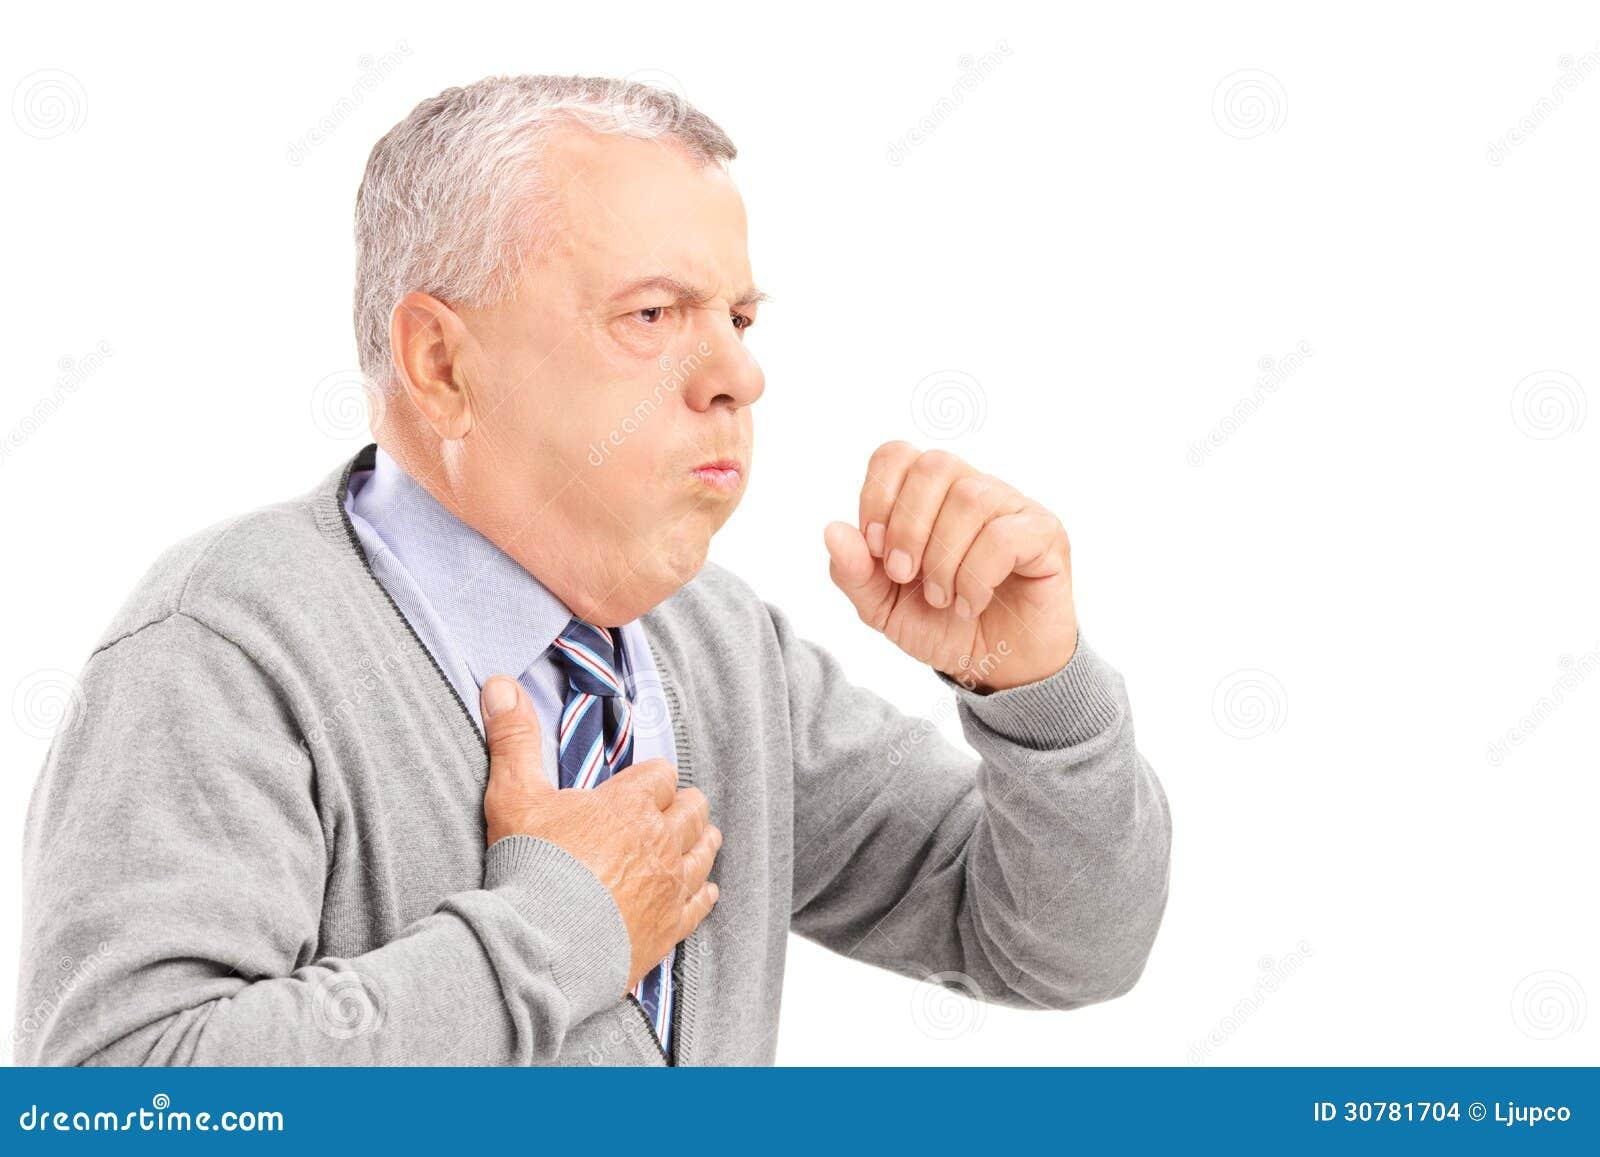 Dojrzały dżentelmen ka przez płucnej choroby